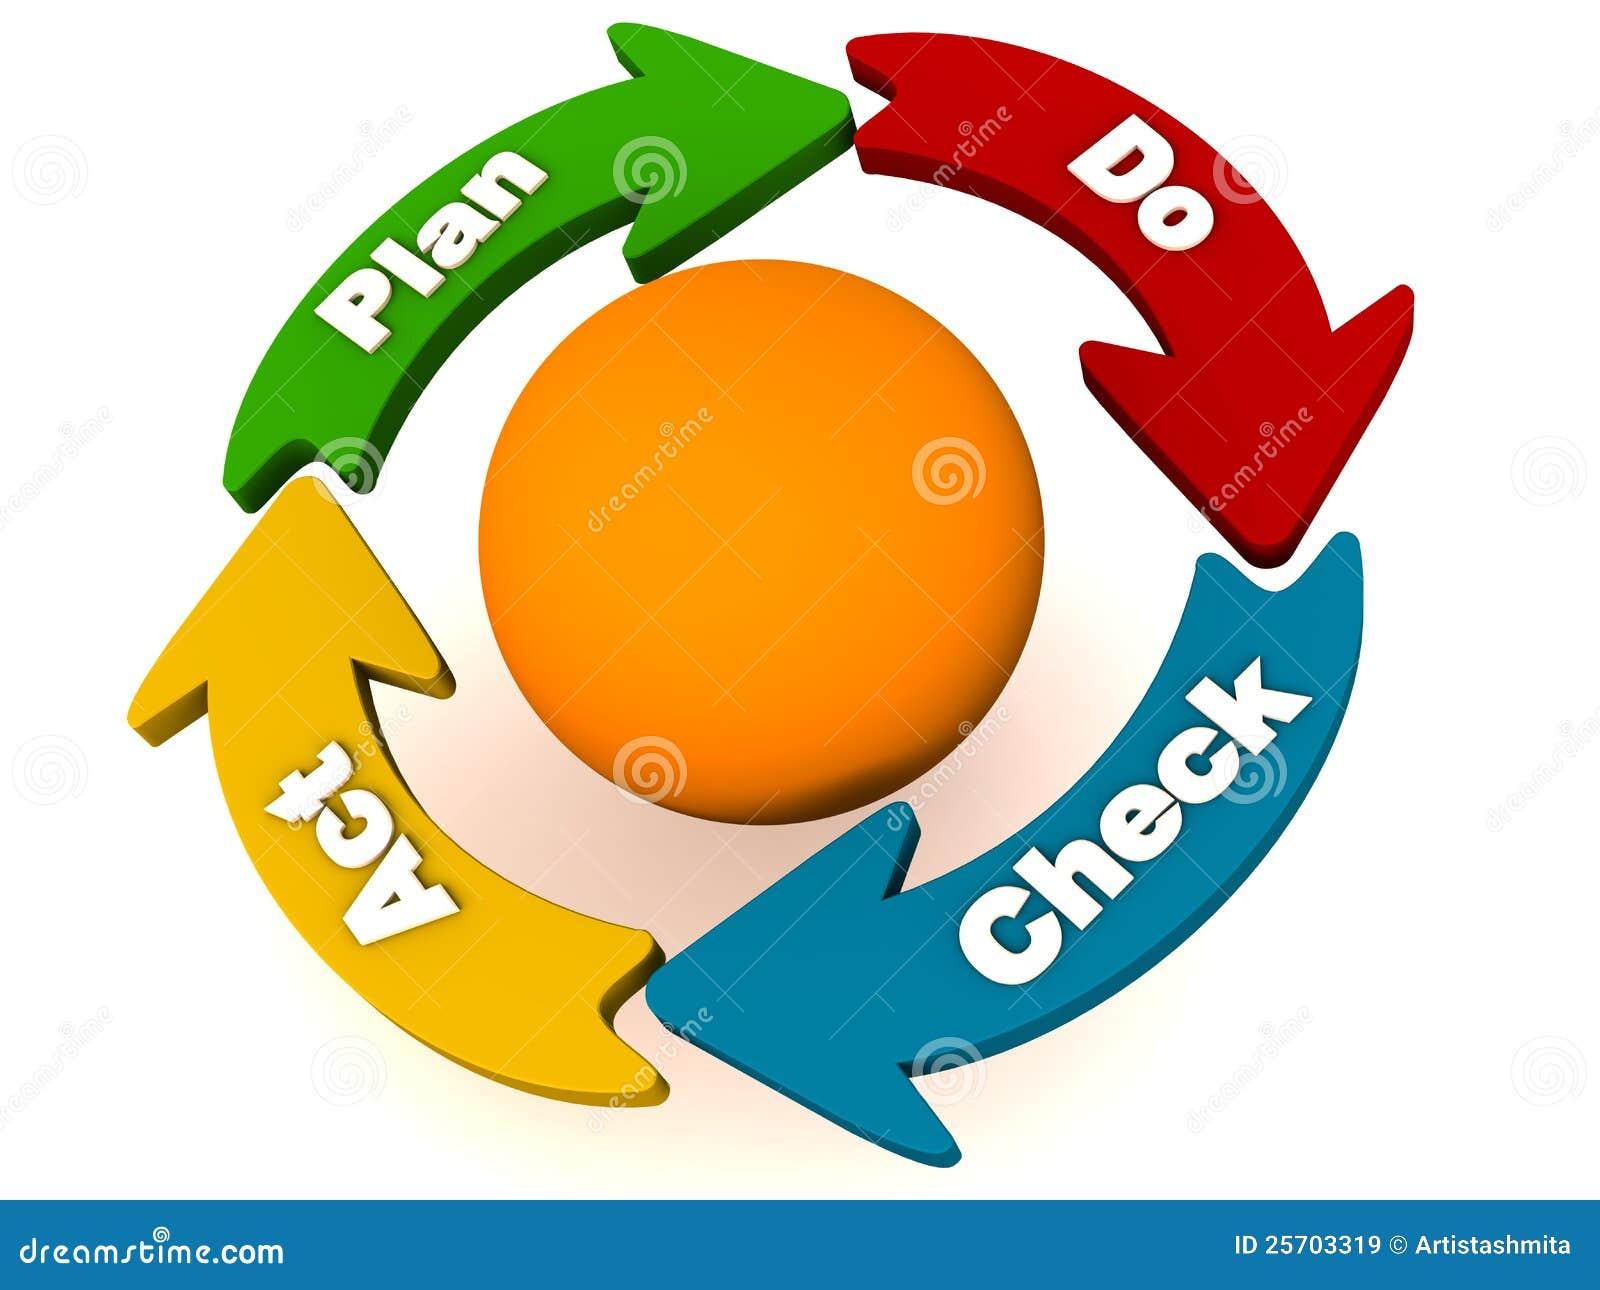 σχέδιο ελέγχου πράξεων cycle do pdca